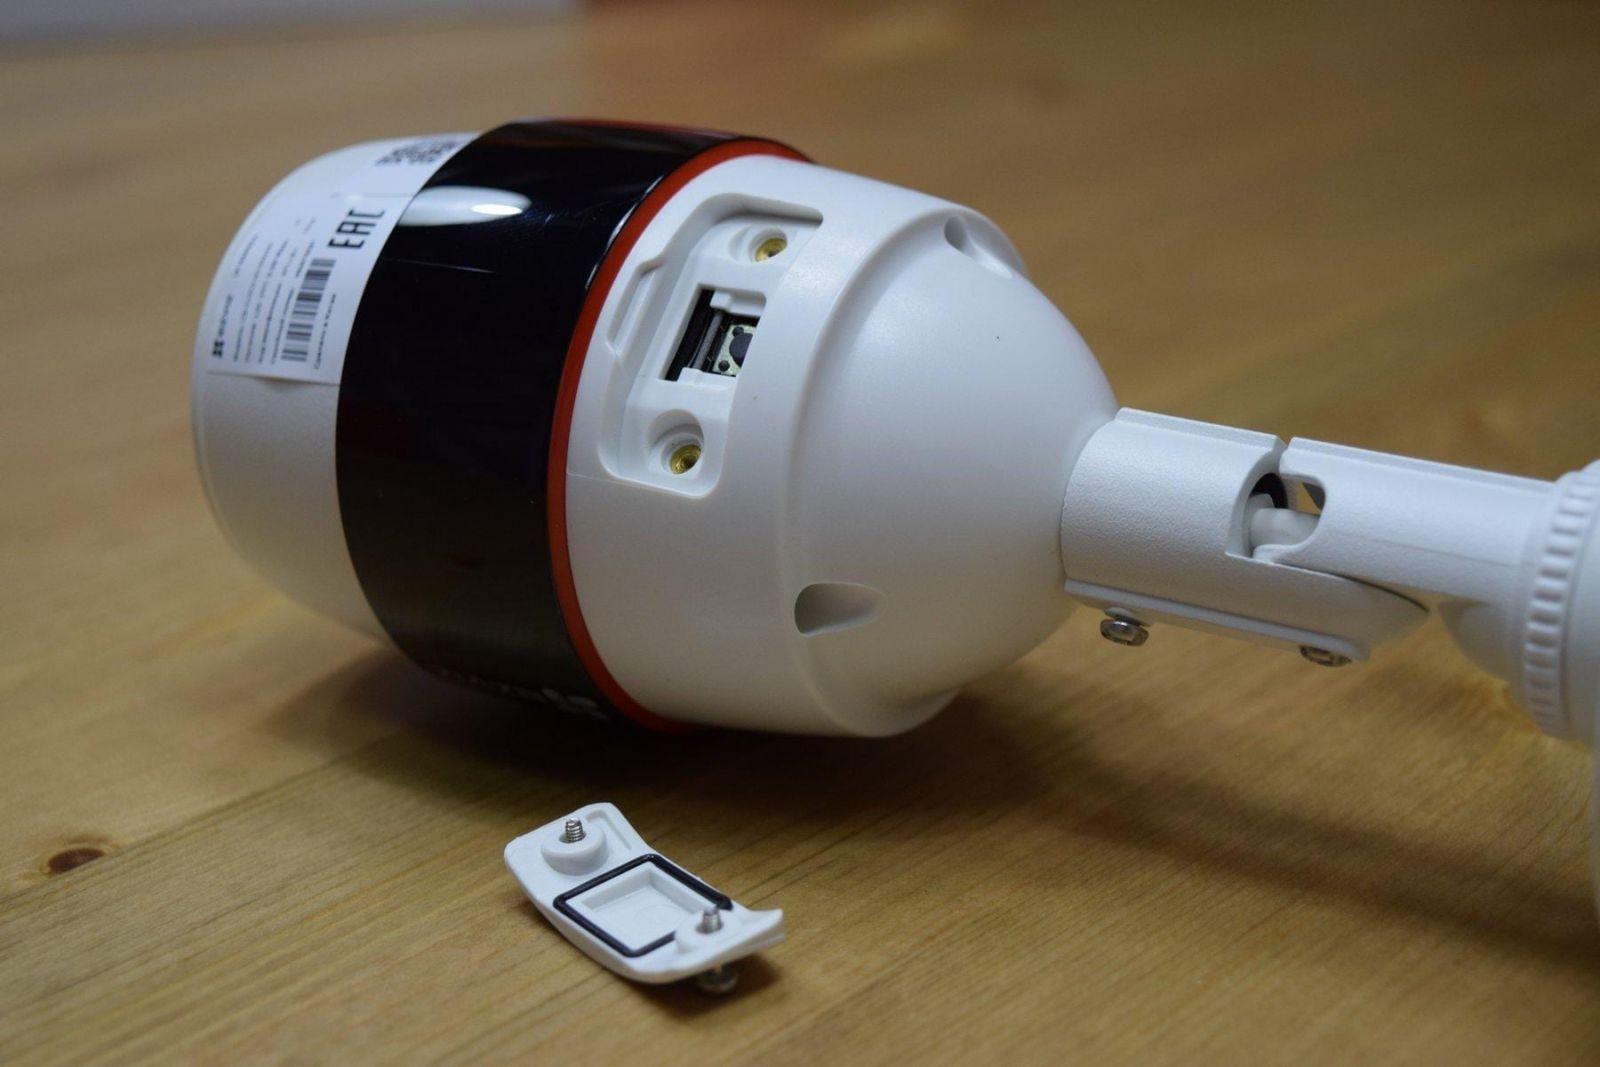 Image00010 - Обзор Ezviz C3S. Камера, которая могла бы жить сама по себе